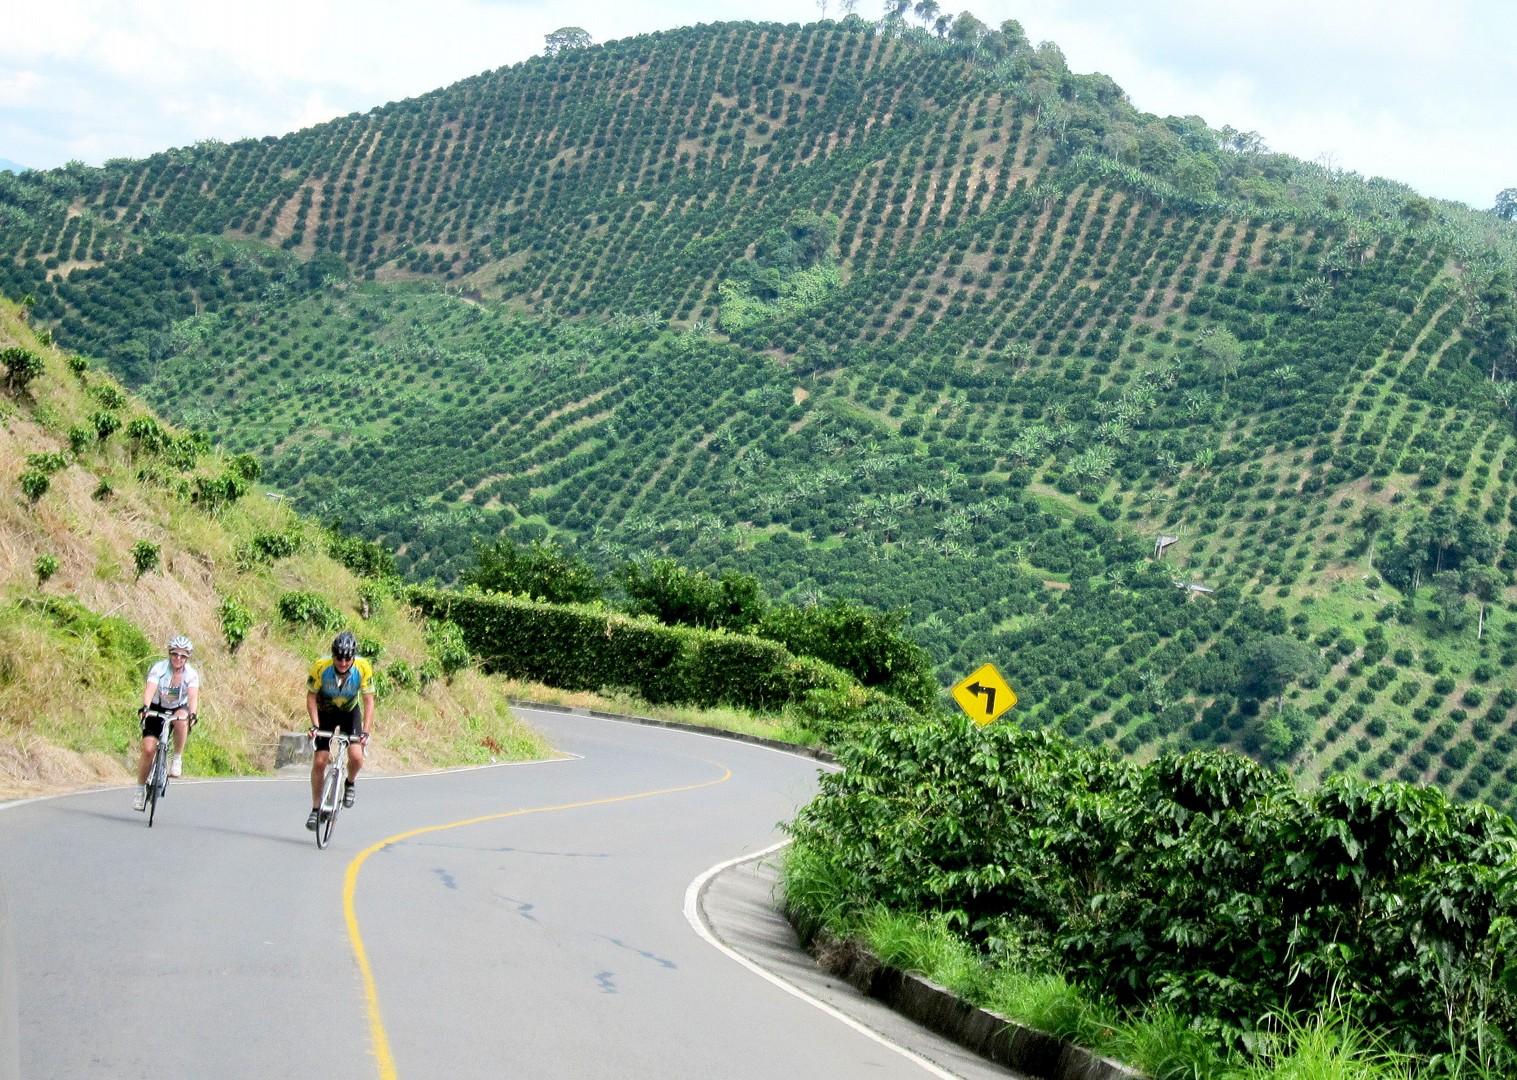 colombia-road-cycling-holiday-skedaddle-alto-de-letras.jpg - Colombia - Tres Cordilleras - Guided Road Cycling Holiday - Road Cycling